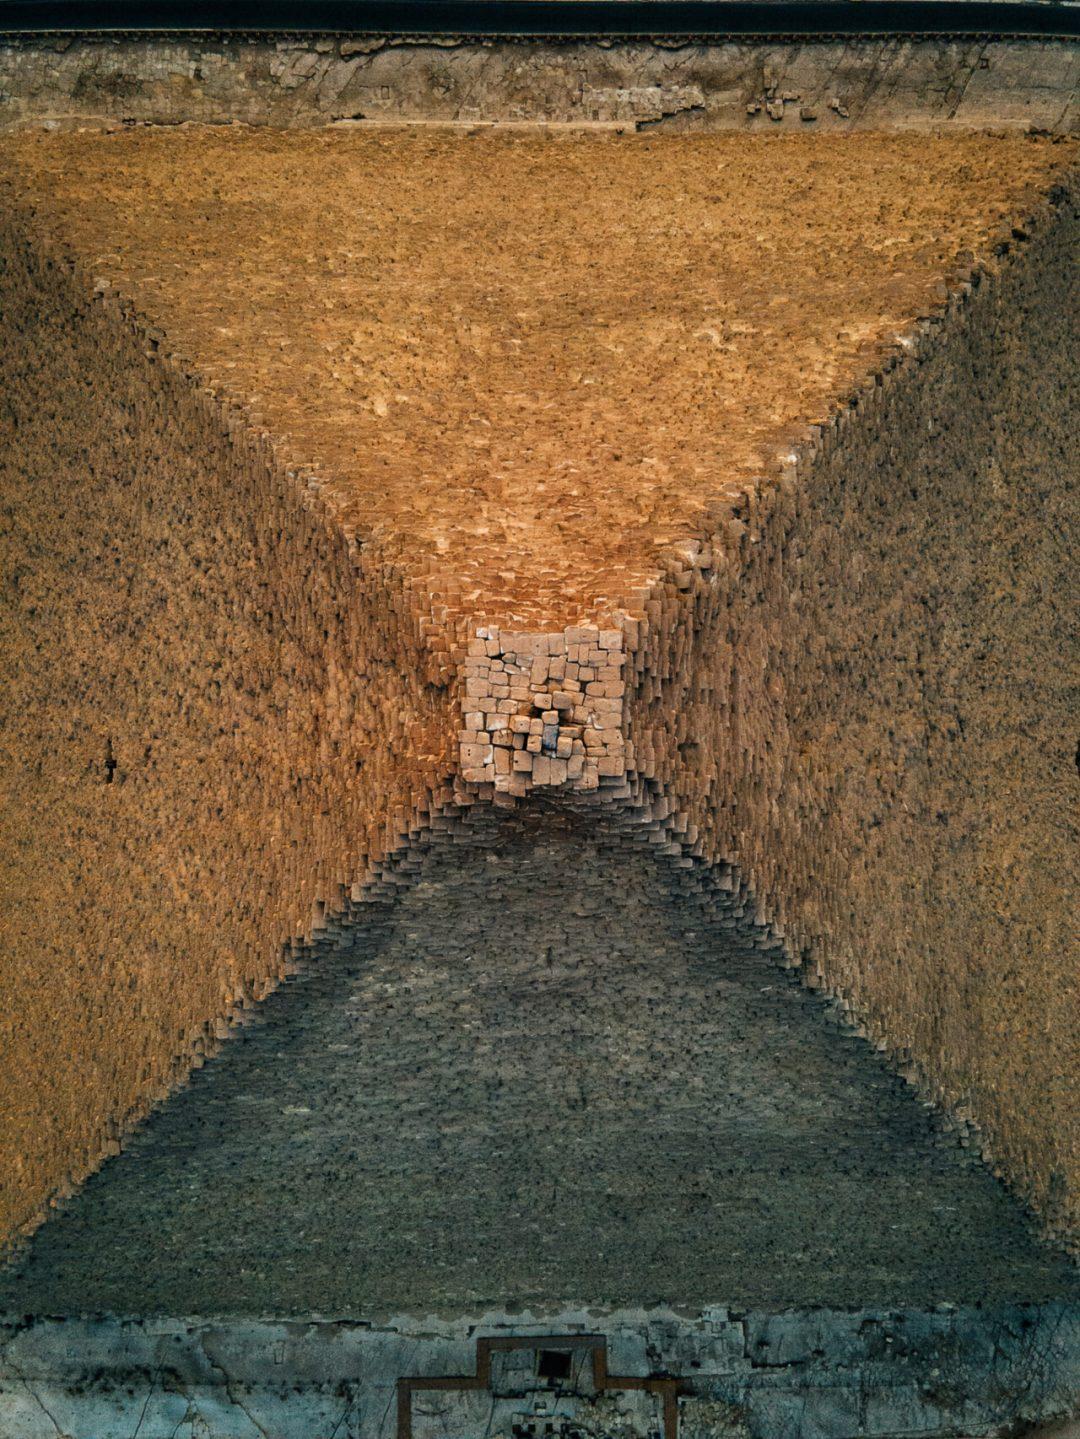 La Grande Piramide di Giza come non l'avete mai vista: lo spettacolare zoom dall'alto